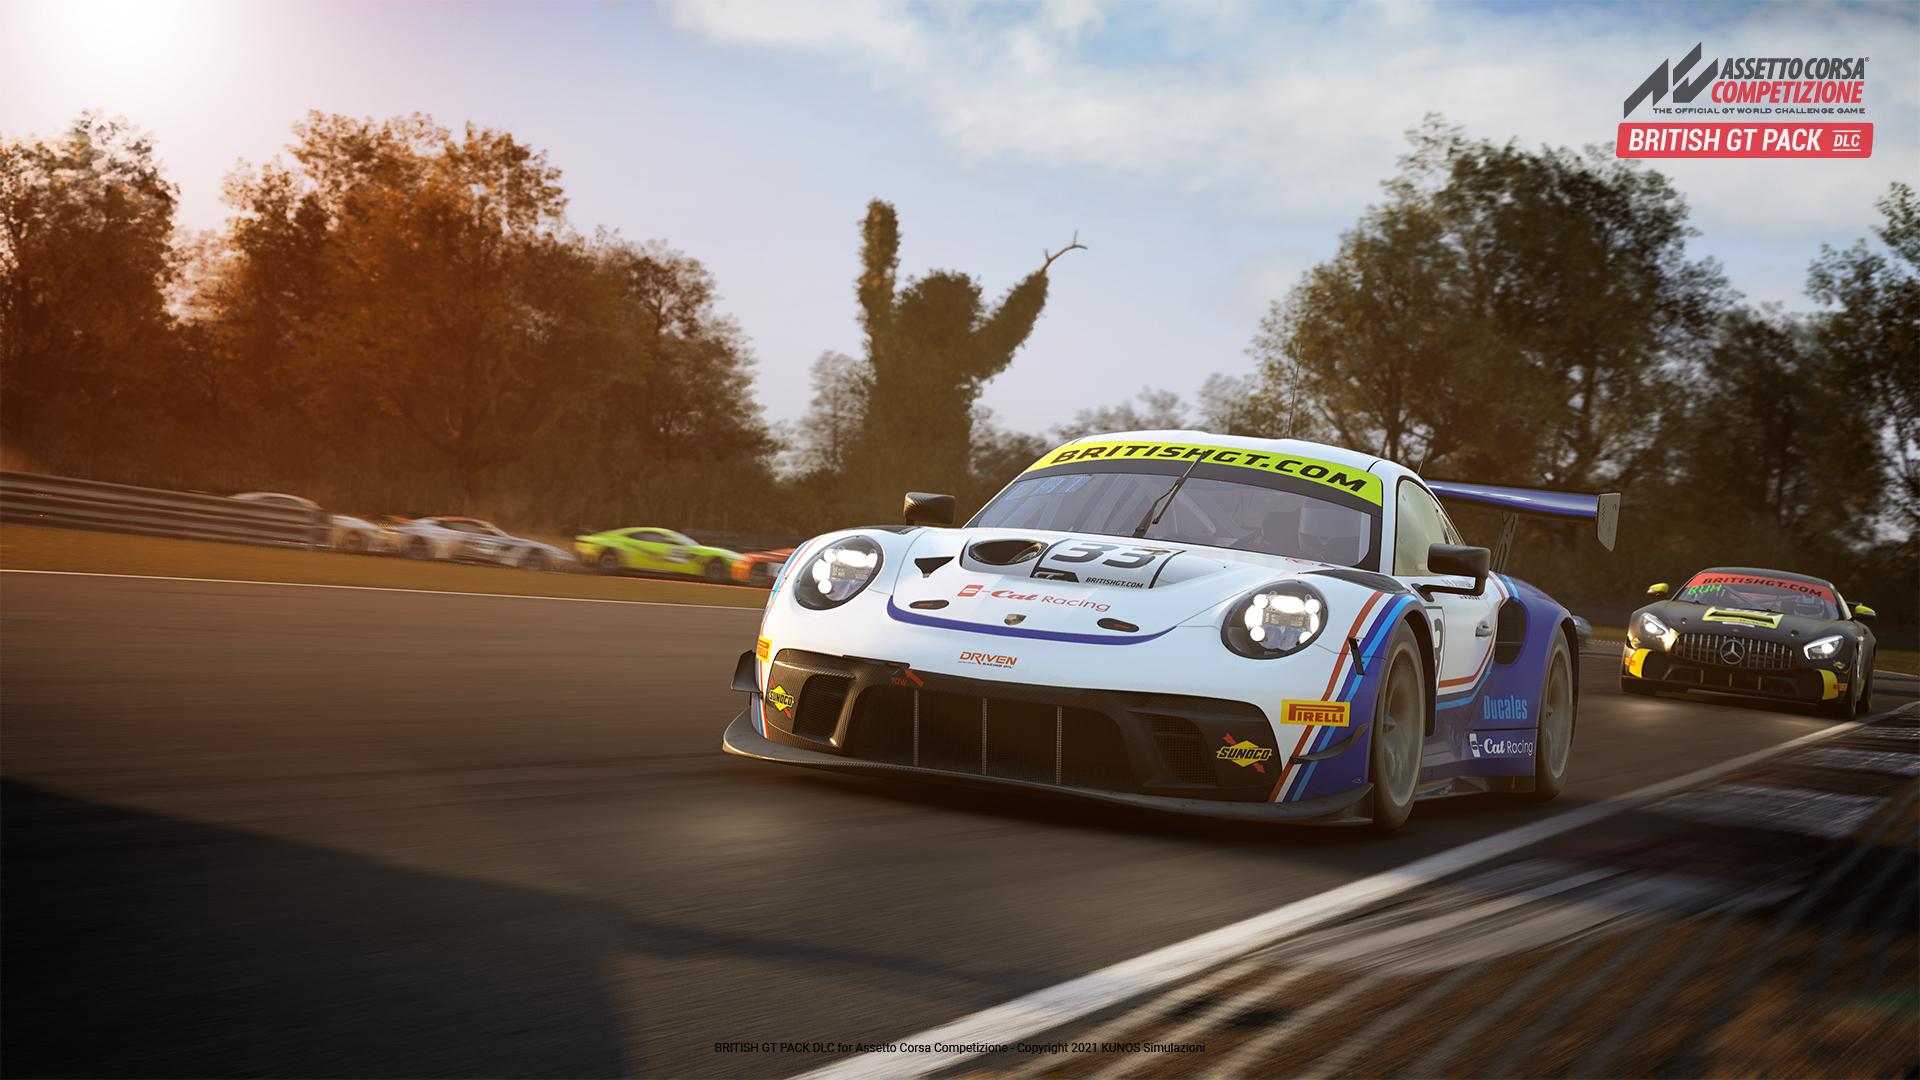 Assetto Corsa Competizione British GT Pack - 3